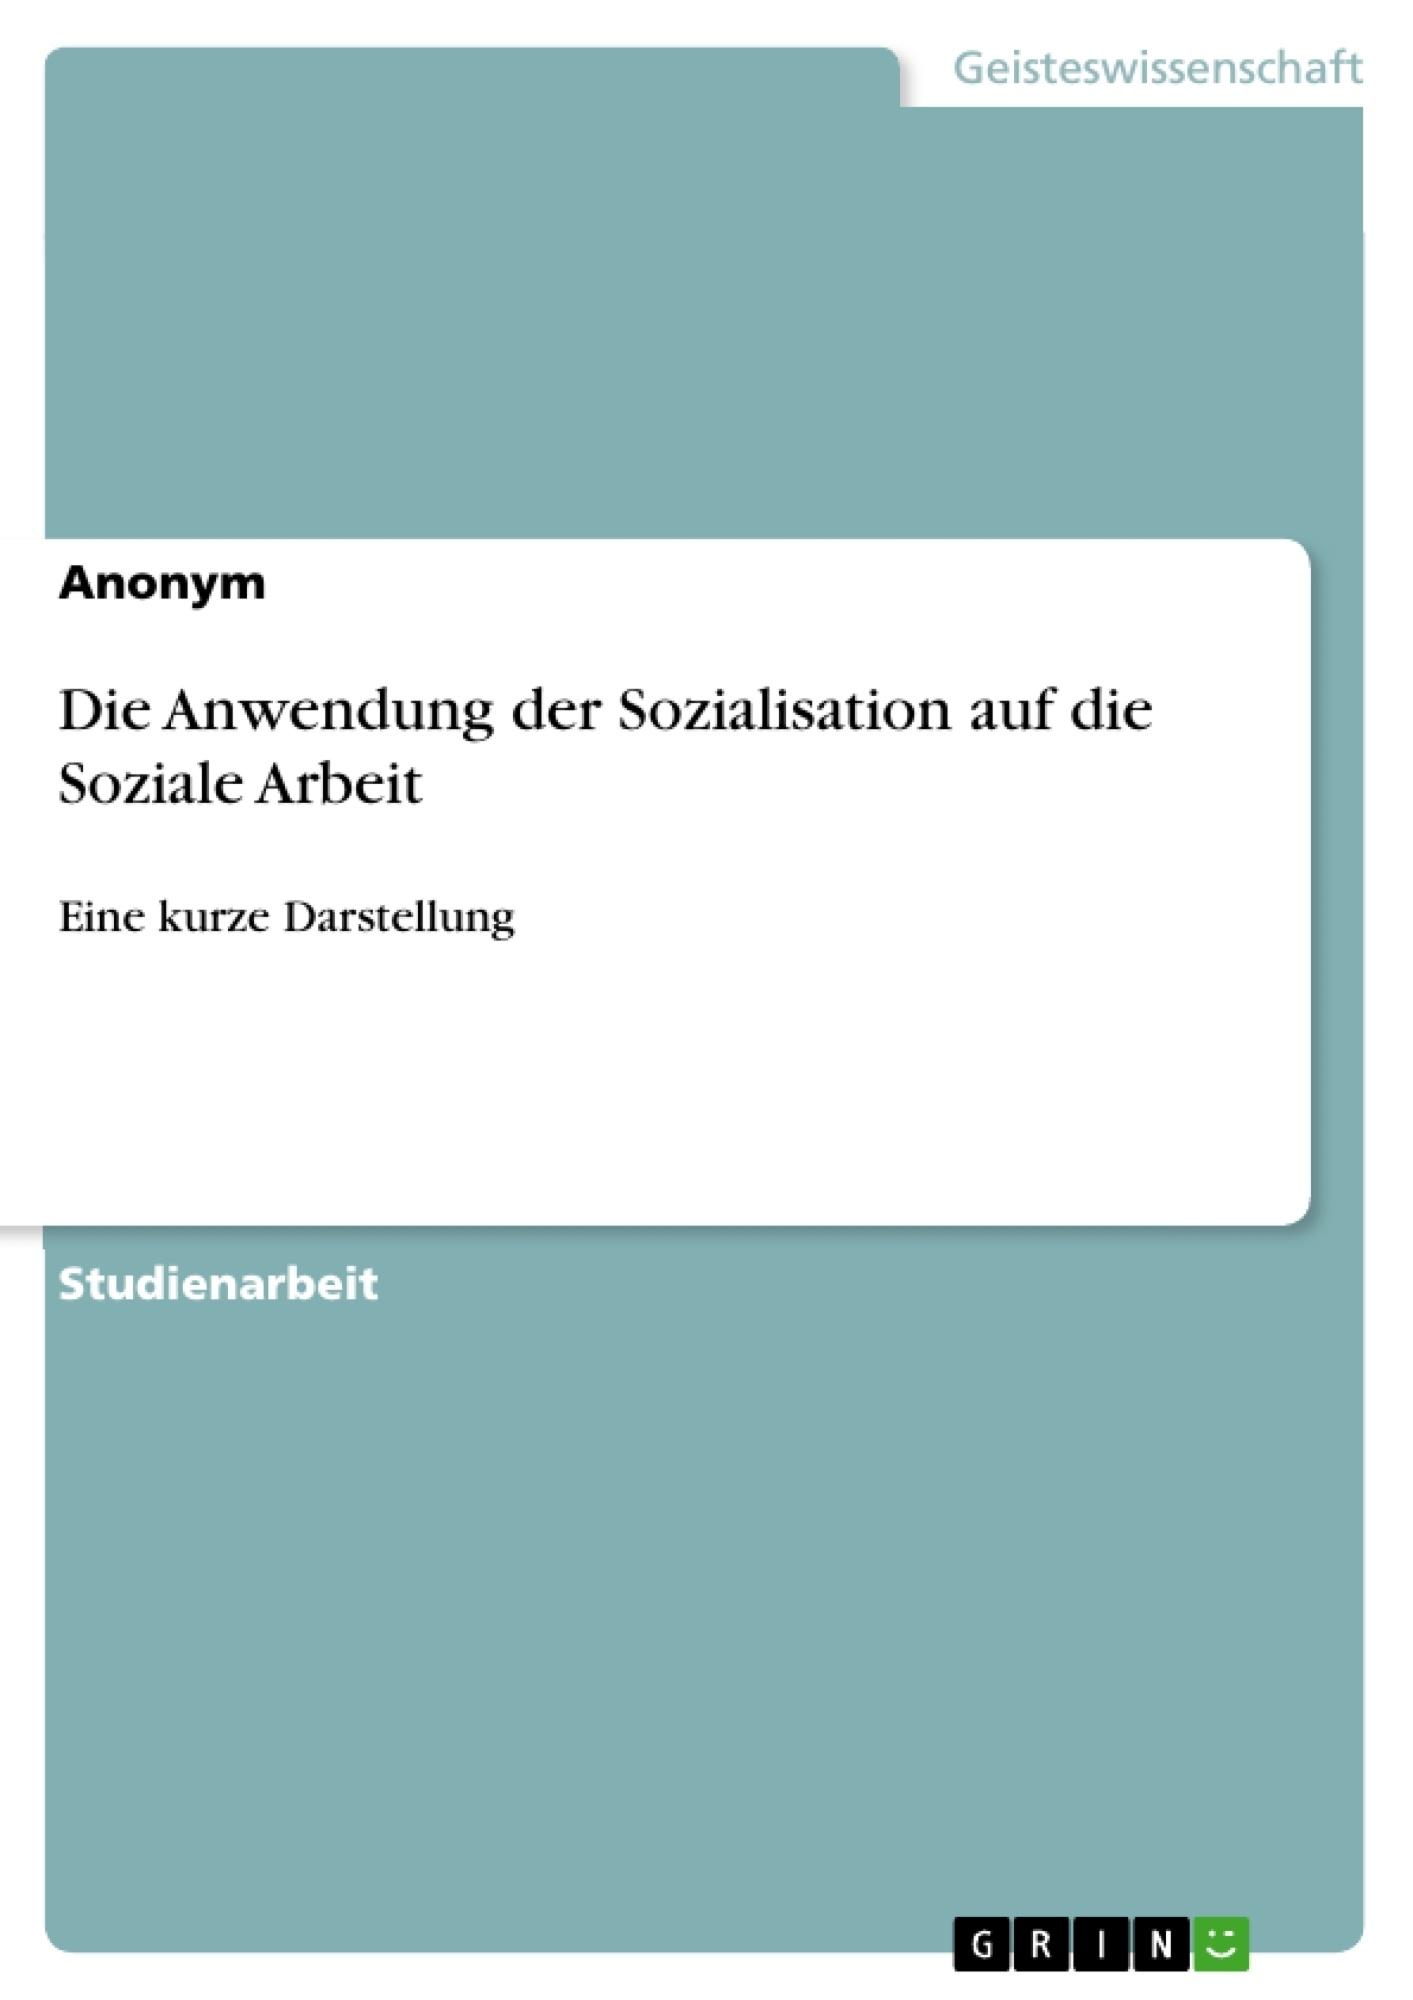 Titel: Die Anwendung der Sozialisation auf die Soziale Arbeit